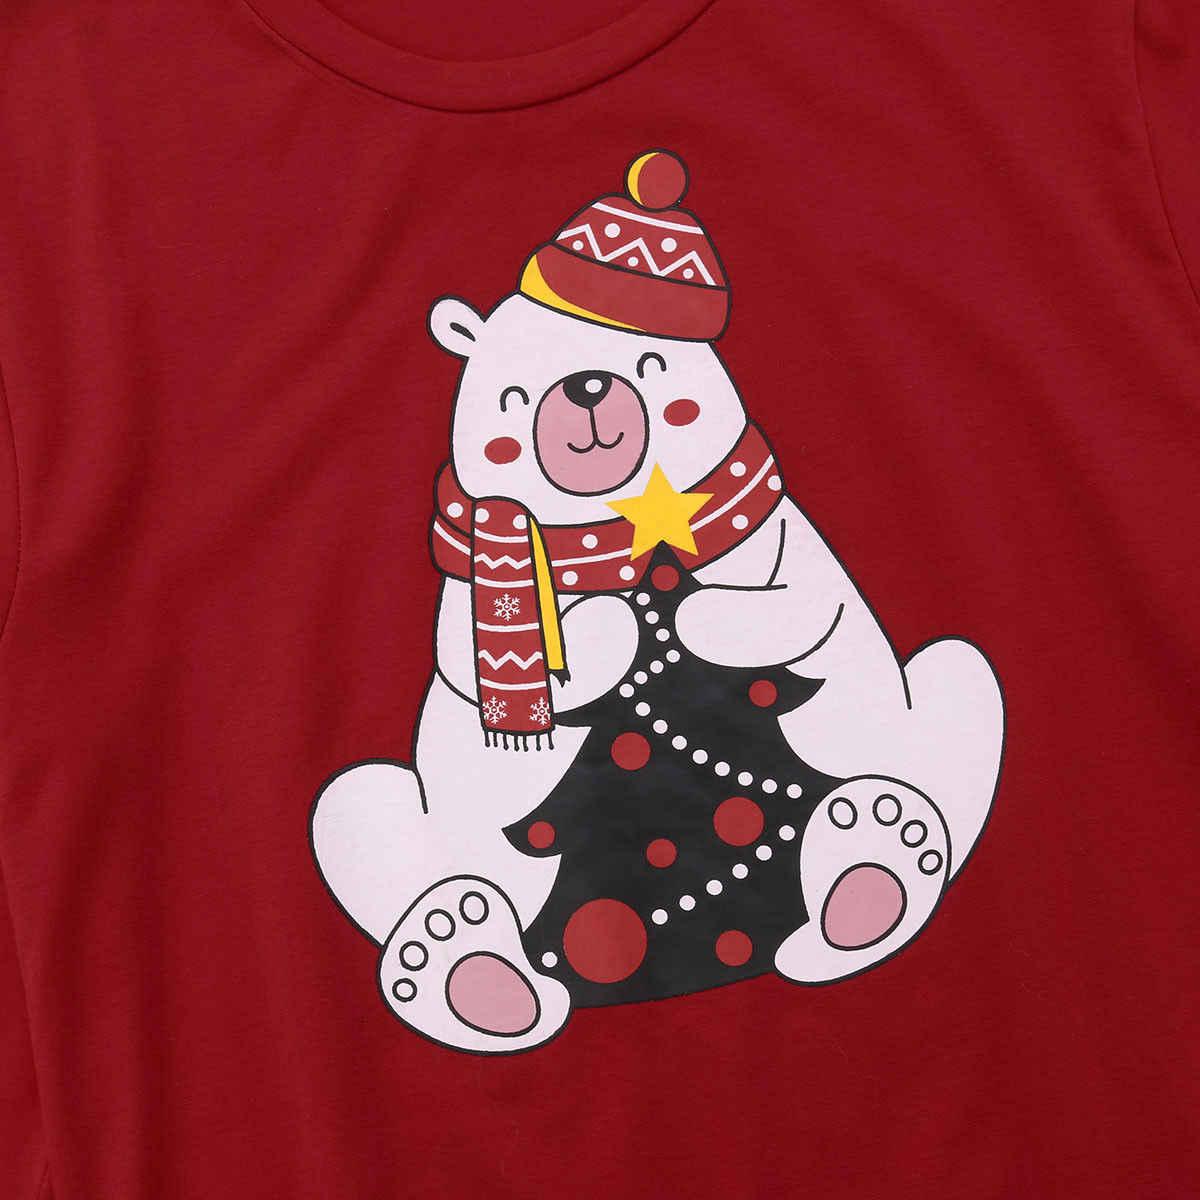 2019 ใหม่ยี่ห้อ Family Matching Outfits คริสต์มาสครอบครัวผู้หญิงผู้ชายเด็กเสื้อกันหนาวสีแดง Hoodies เสื้อกันหนาวเสื้อสวมหัวเสื้อยืด